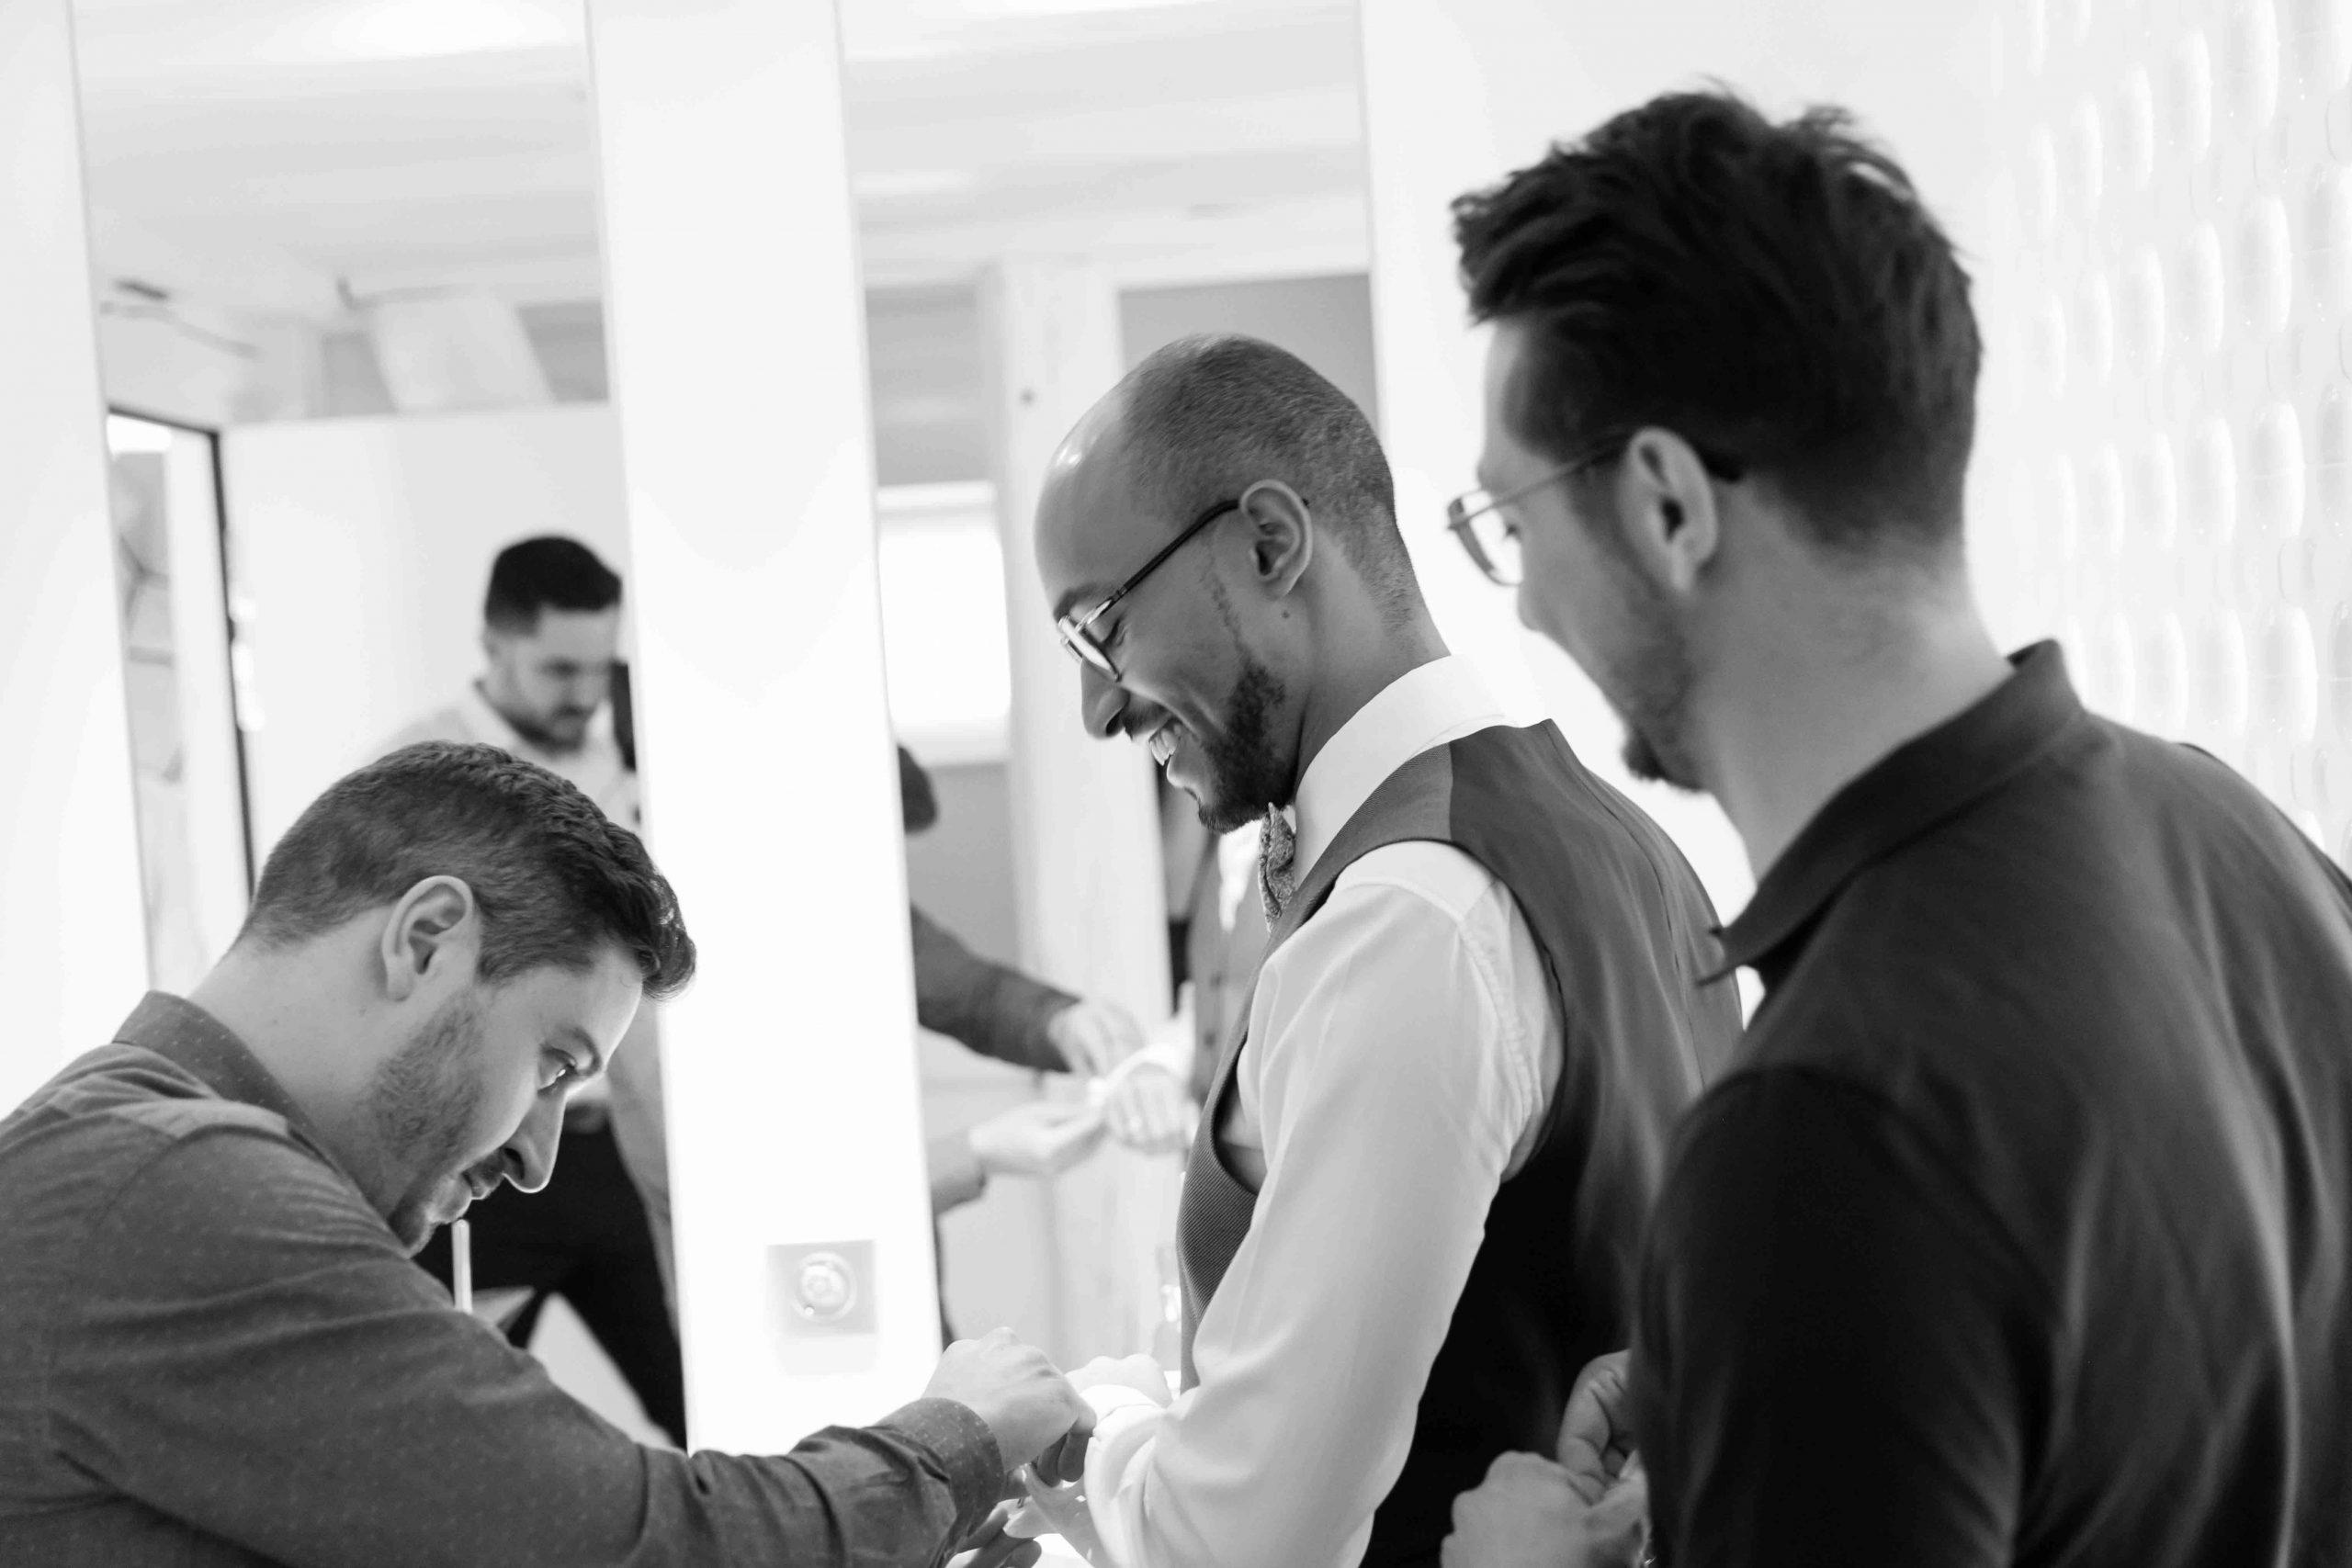 séance d'habillage chez les hommes pour le mariage au domaine du Kaegy à Steinbrunn-le-haut en Alsace